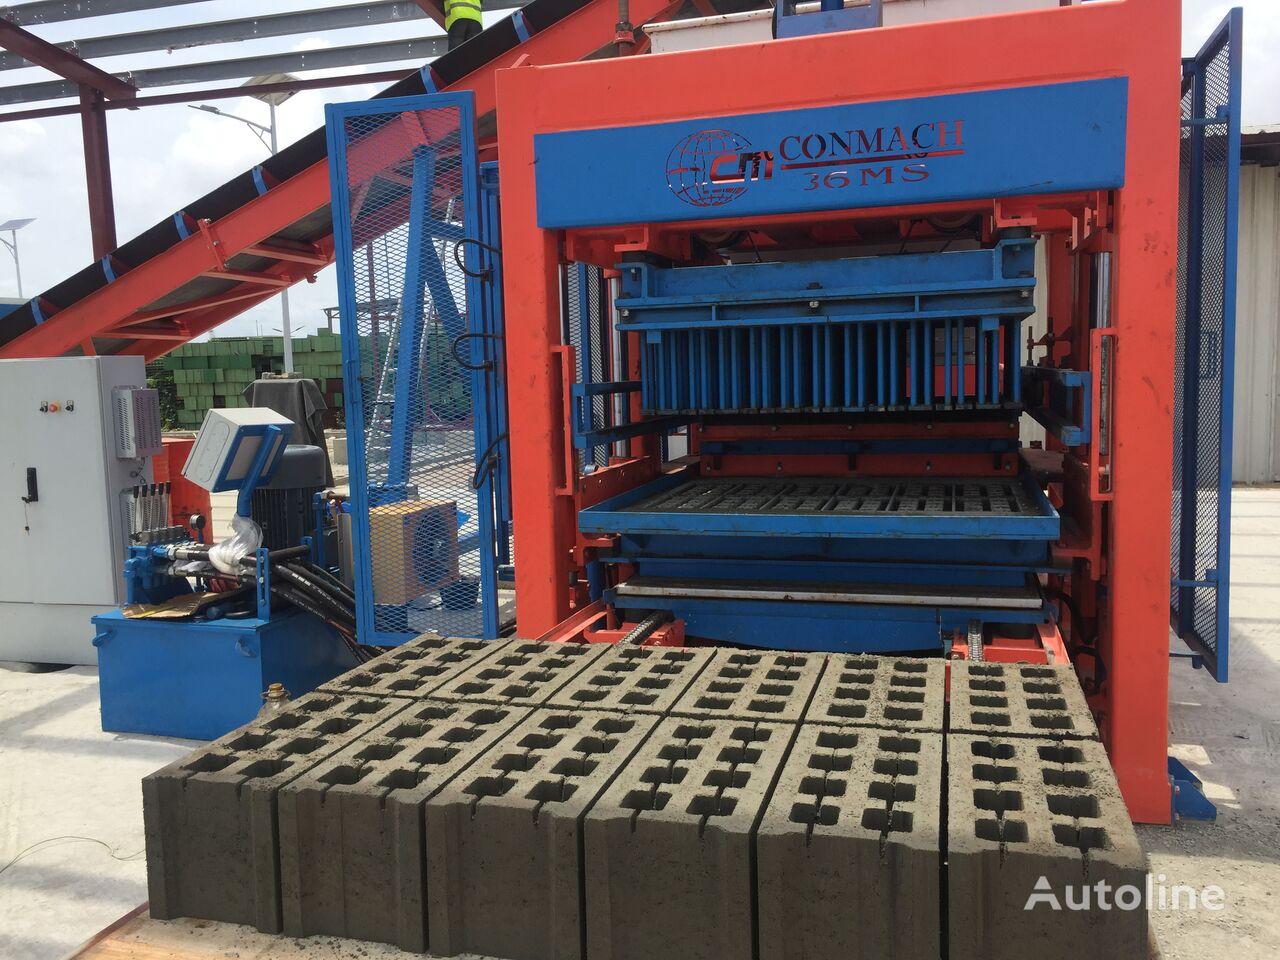 neue CONMACH BLOCKKING-36 MS Betonsteinmaschine